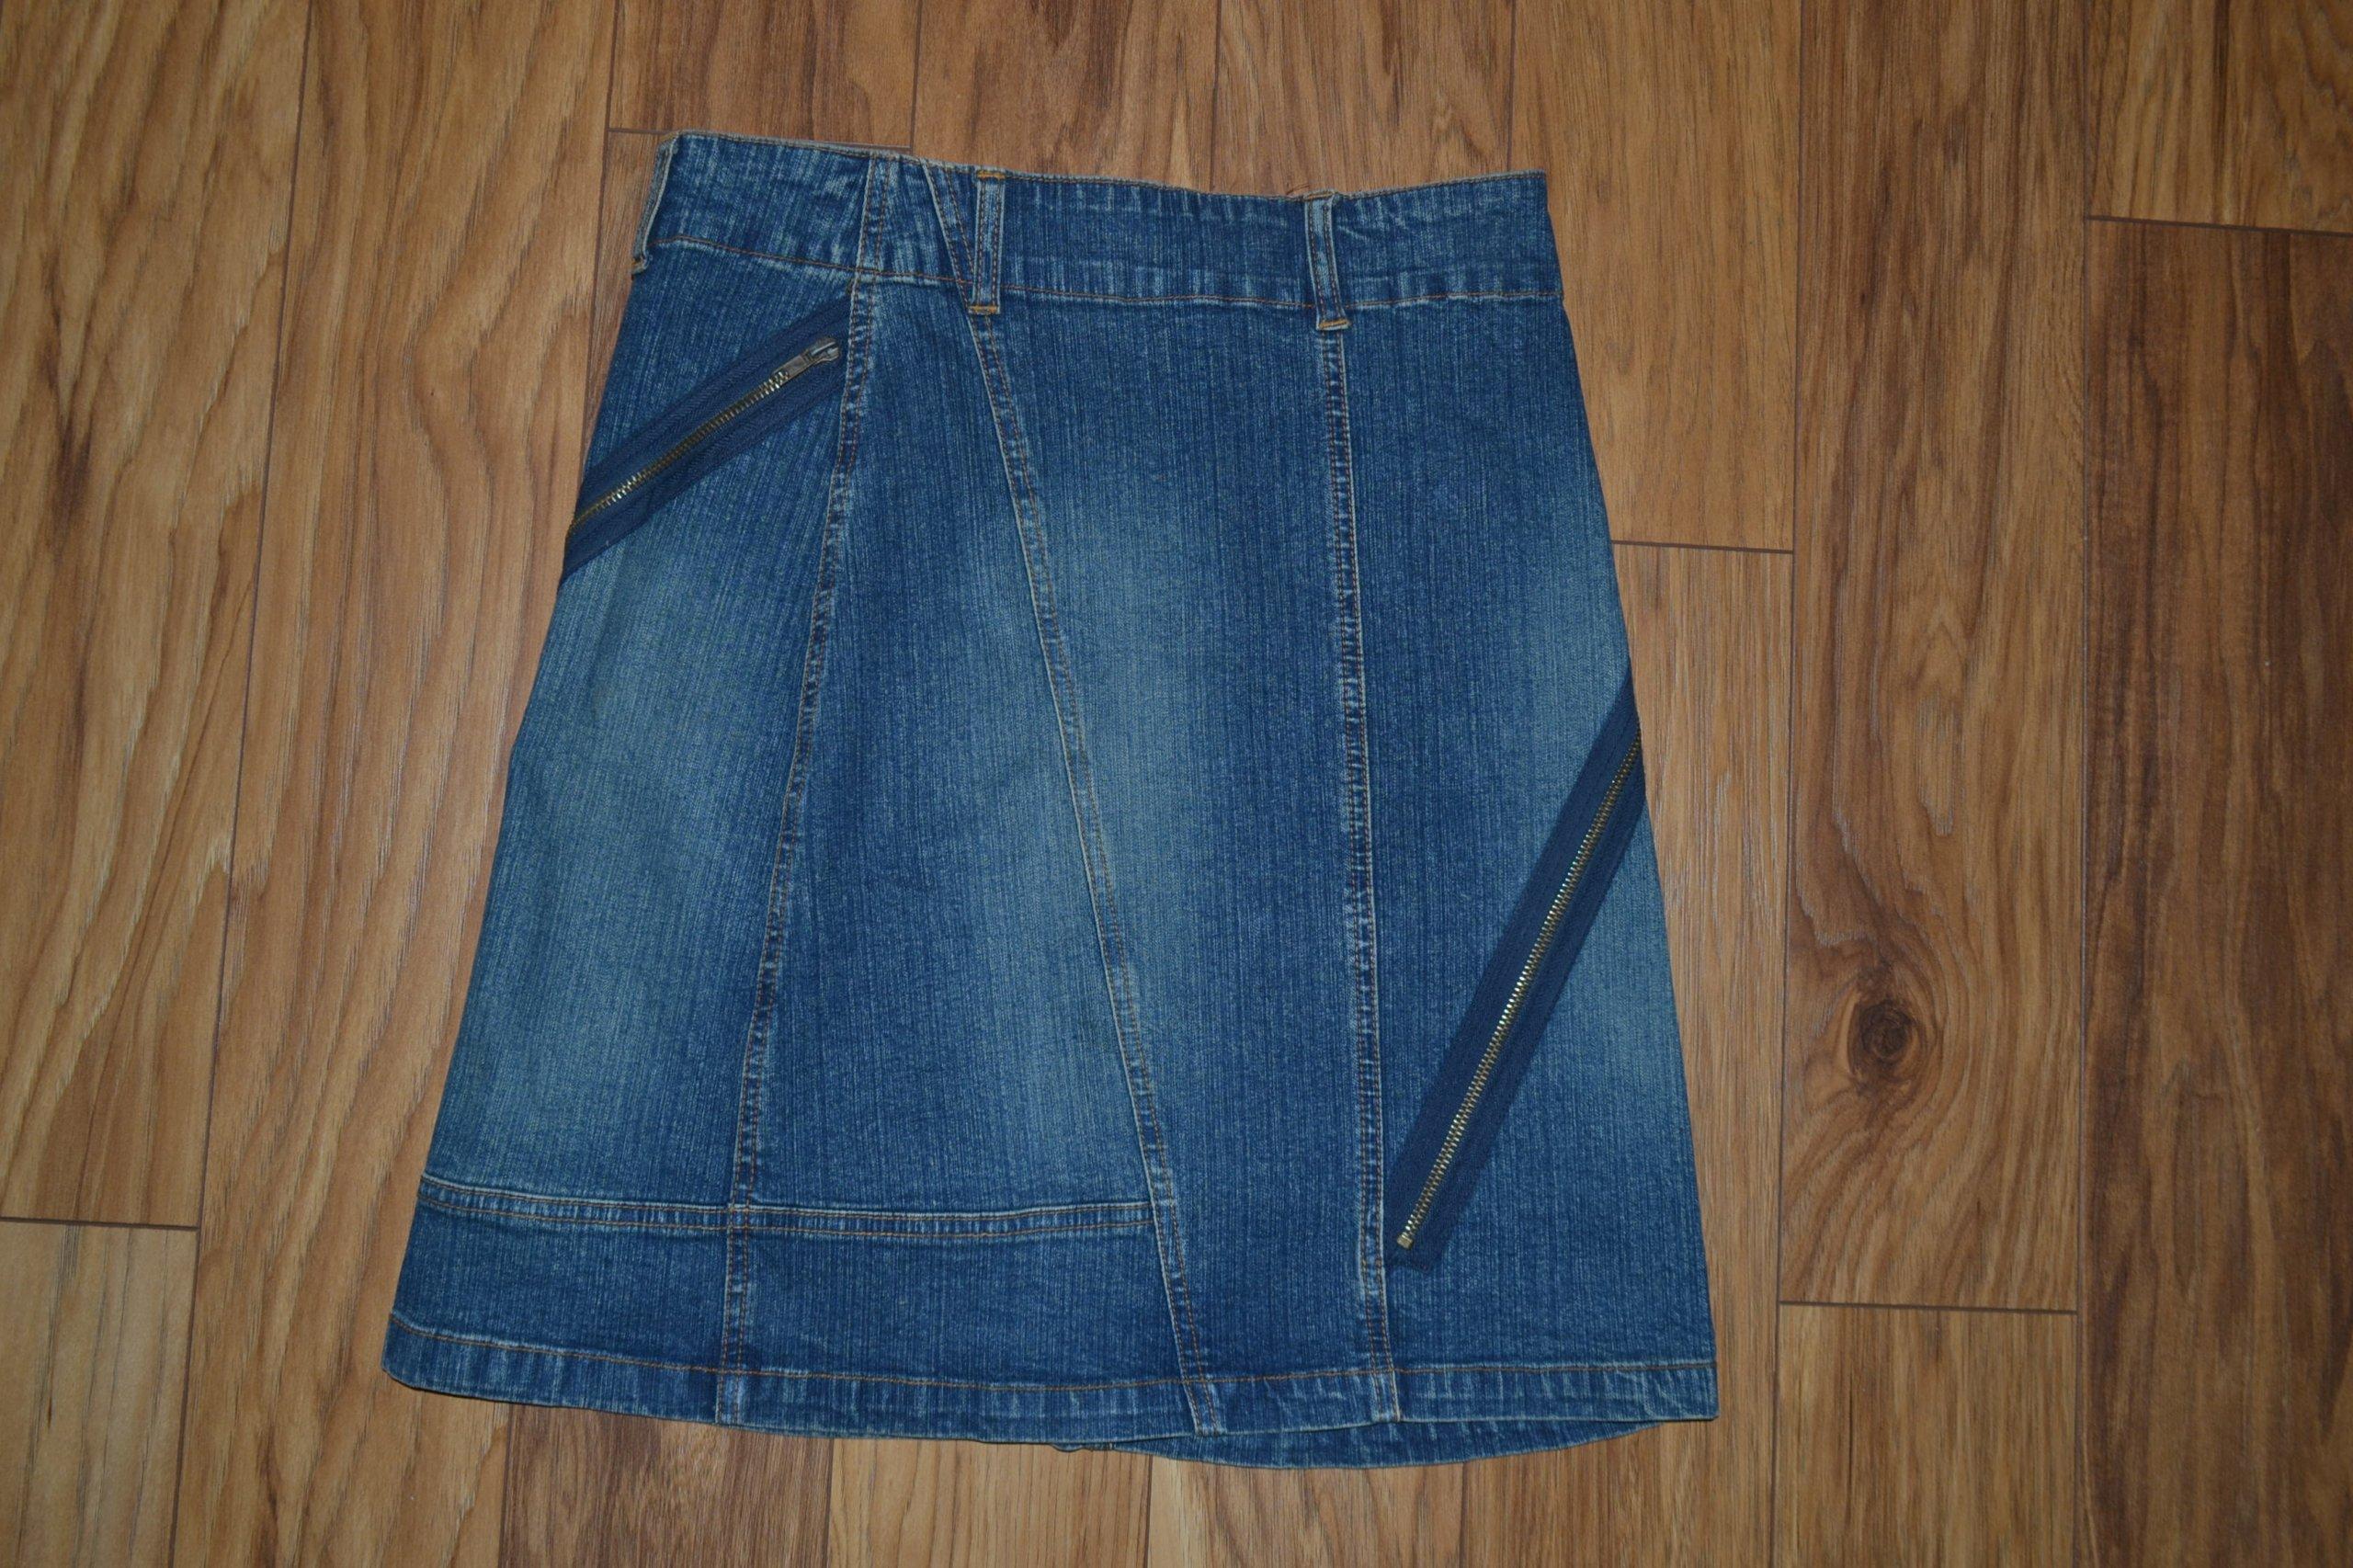 DENIM jeansowa spódnica 36S wyższy stan